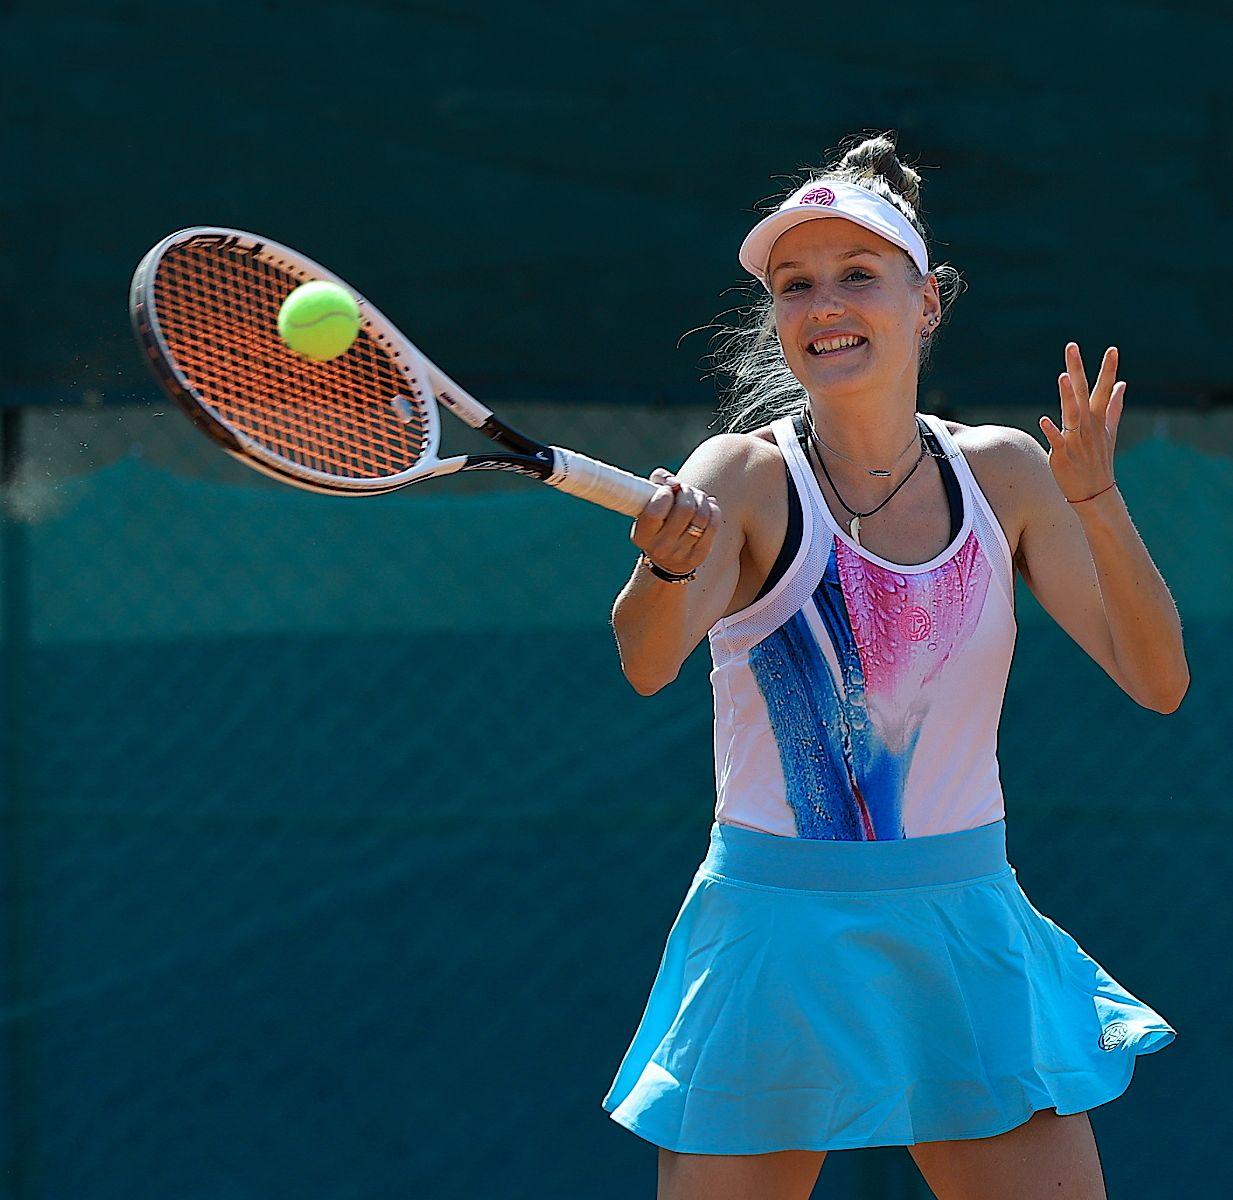 Summer tennis... Спорт tennis petersburg russia racket match court big ball alextennis